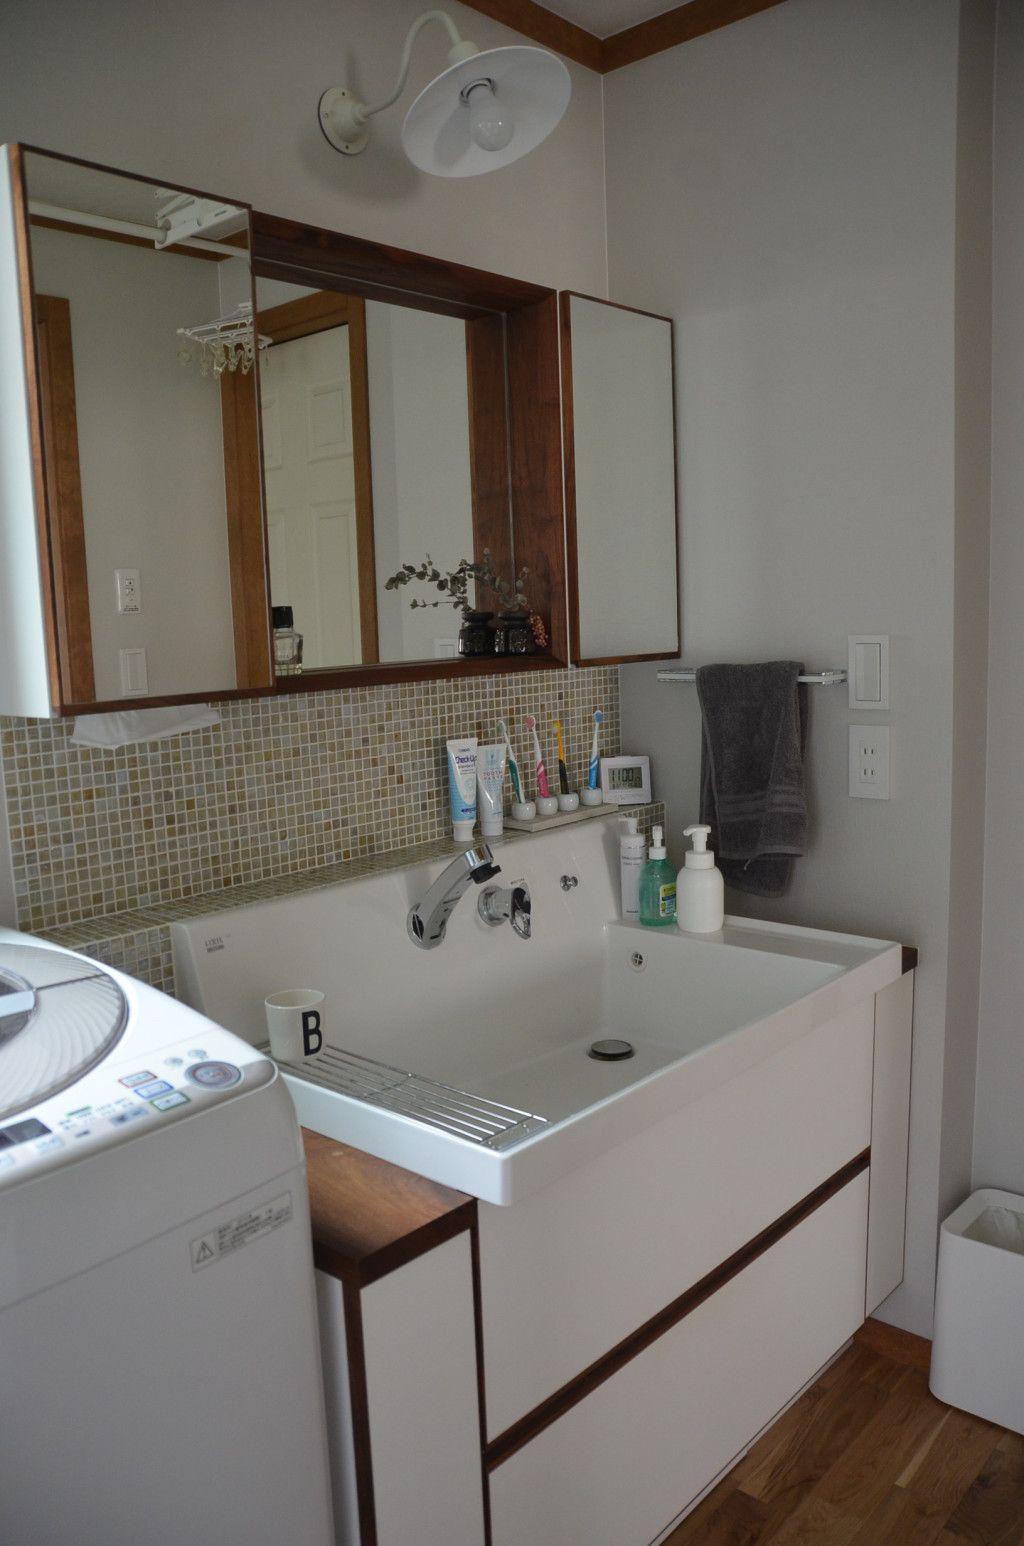 リクシルのピアラで造作洗面台を考えた Web内覧会 その後2年半経ちました 画像あり ピアラ 造作 洗面台 洗面台